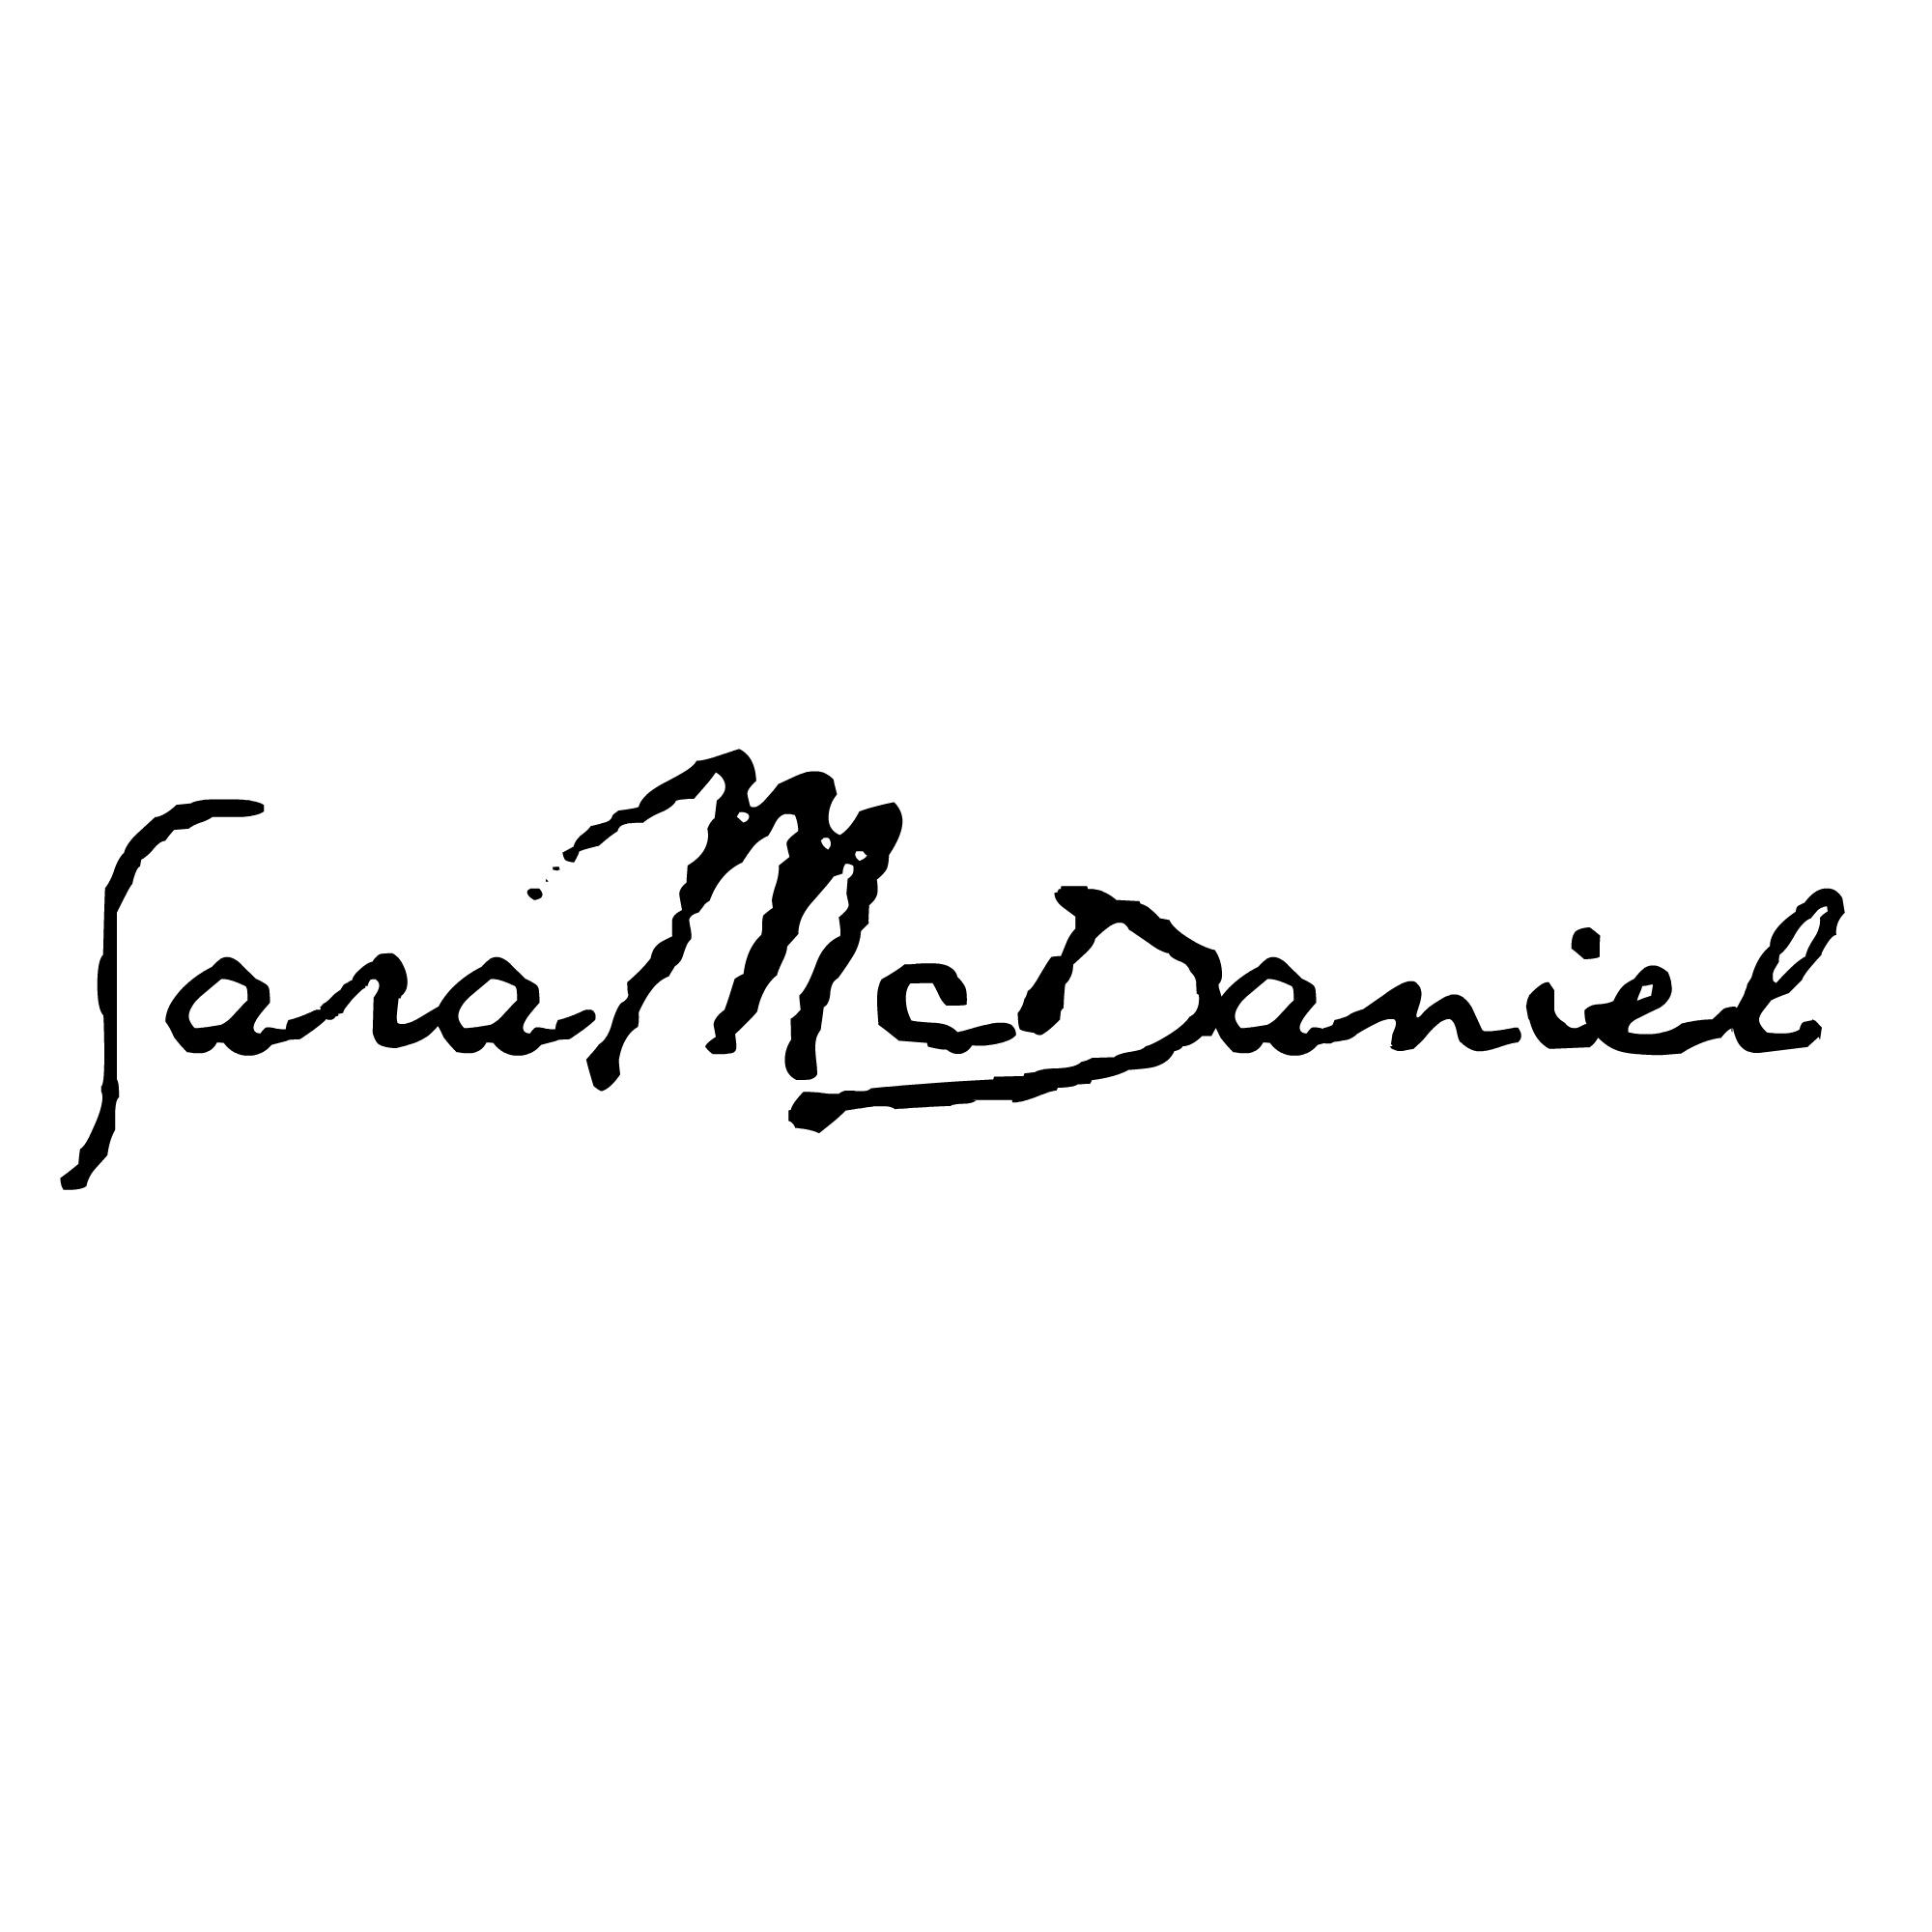 Sara McDaniel's Signature